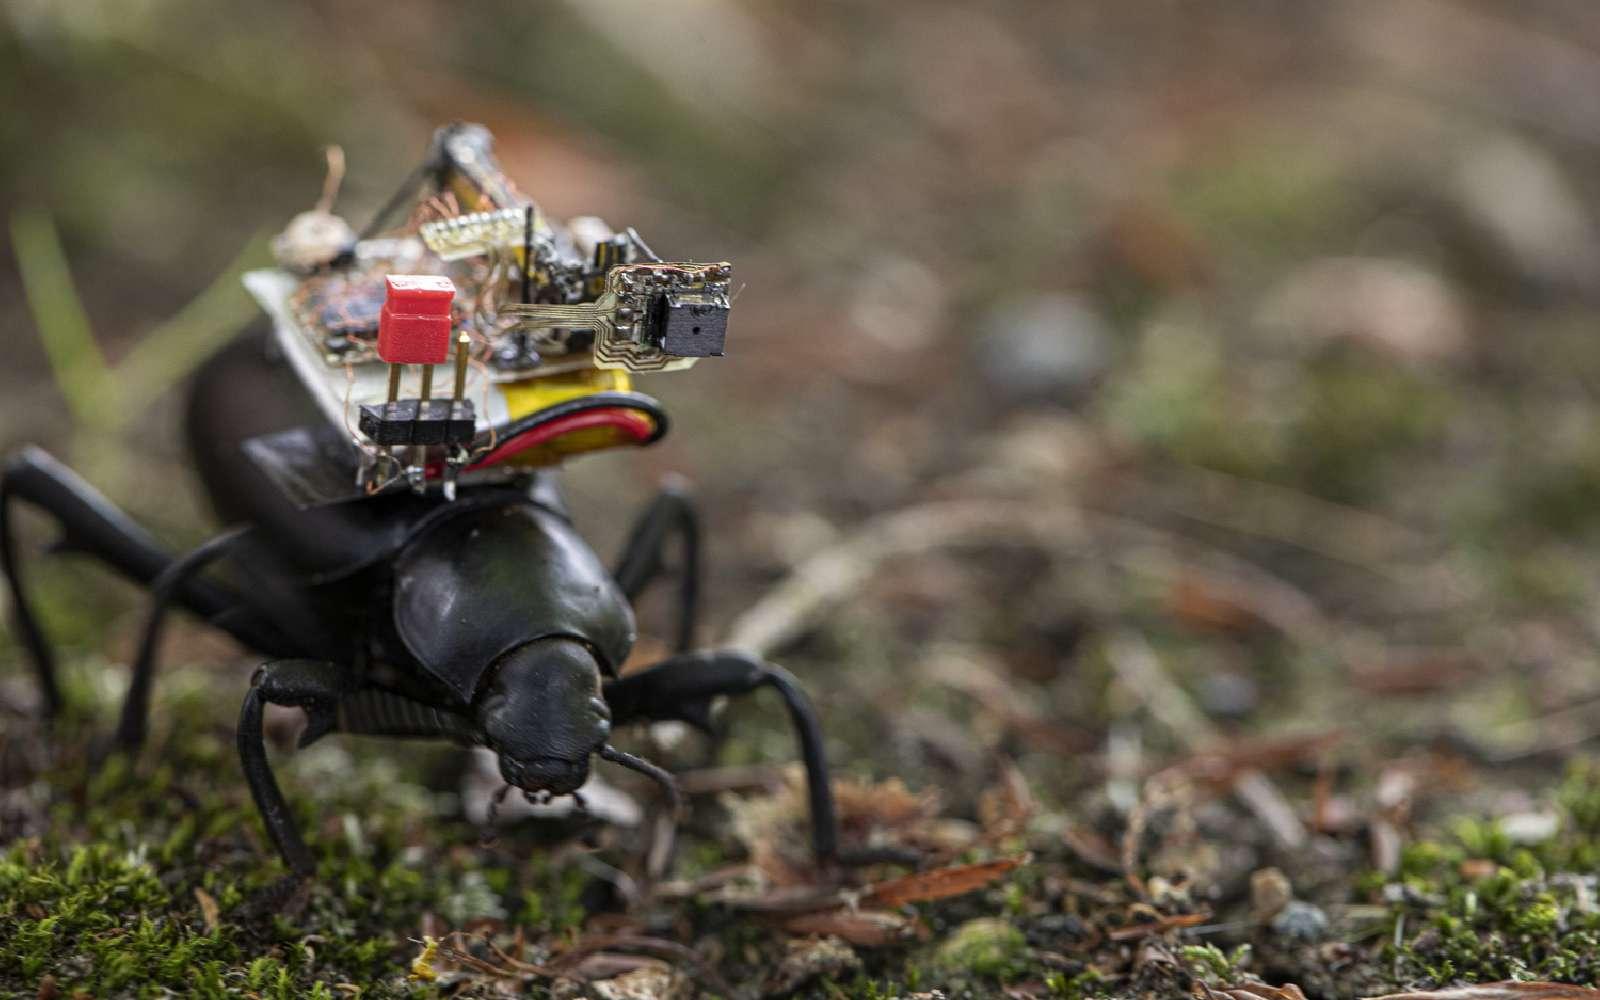 Des chercheurs de l'université de Washington ont créé une caméra qui peut être montée sur un scarabée. © Université de Washington